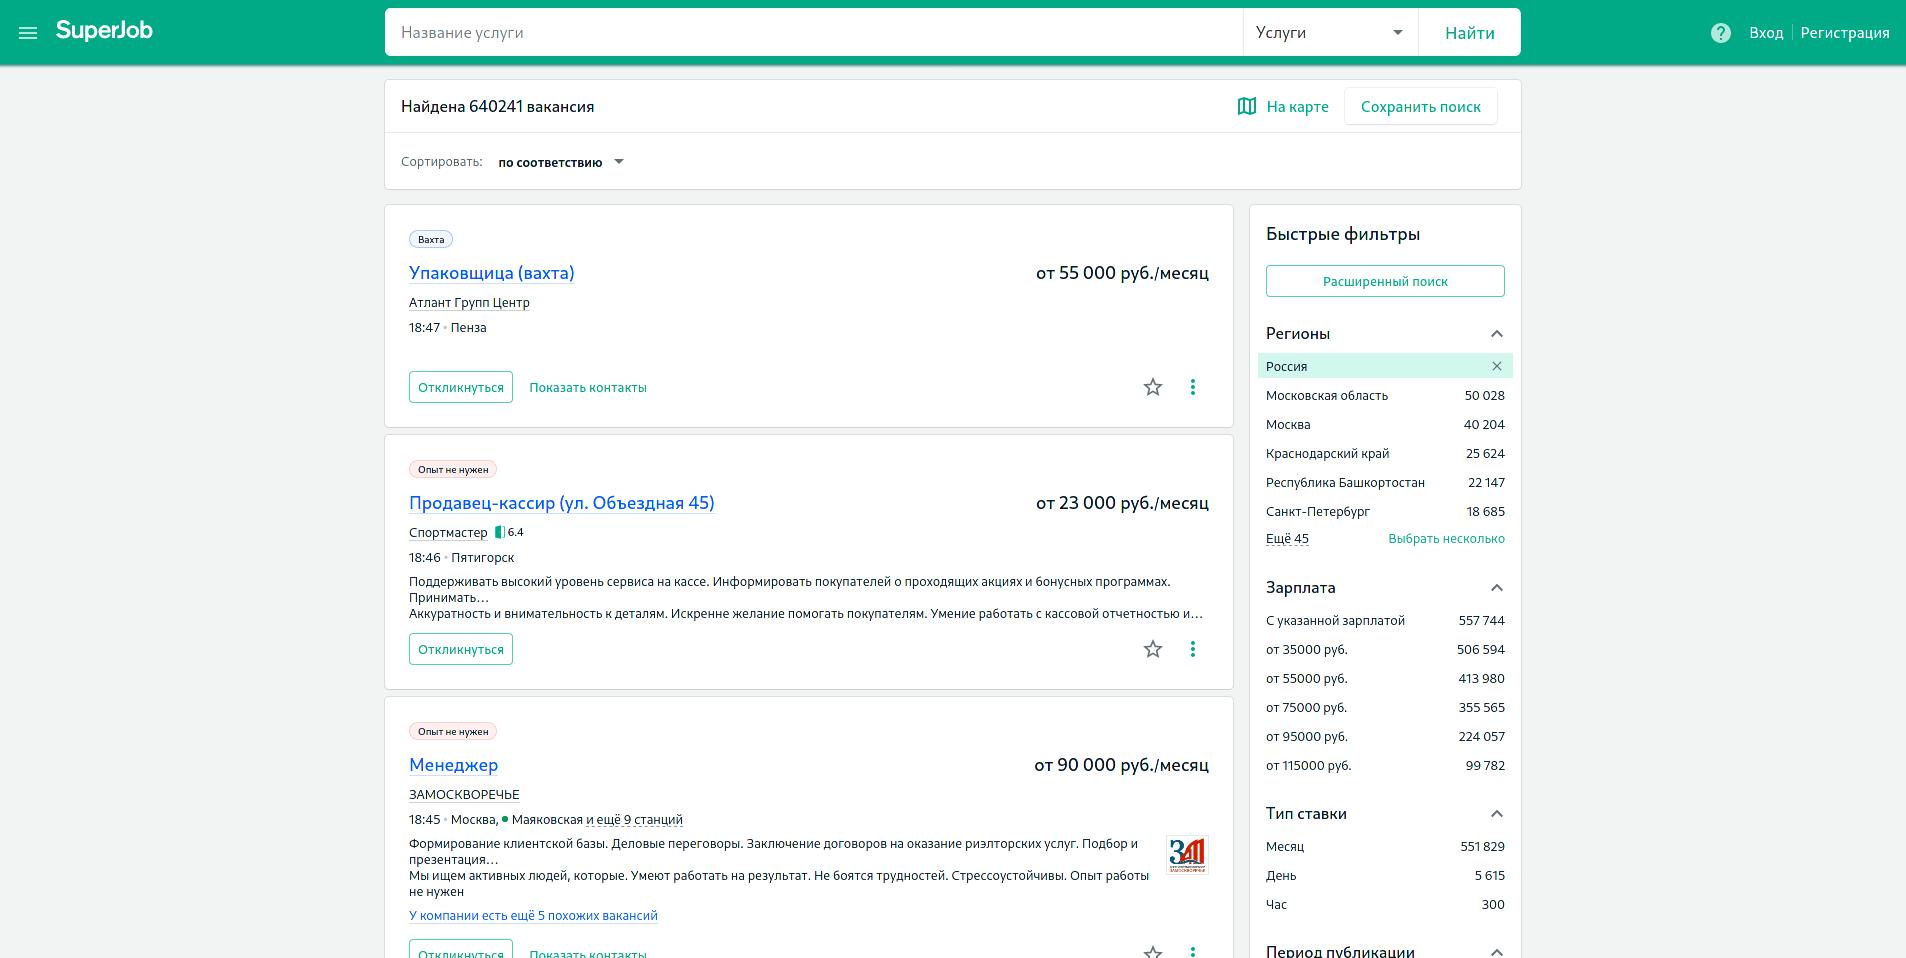 Screenshot_2021-03-05 Поиск вакансий в России.png